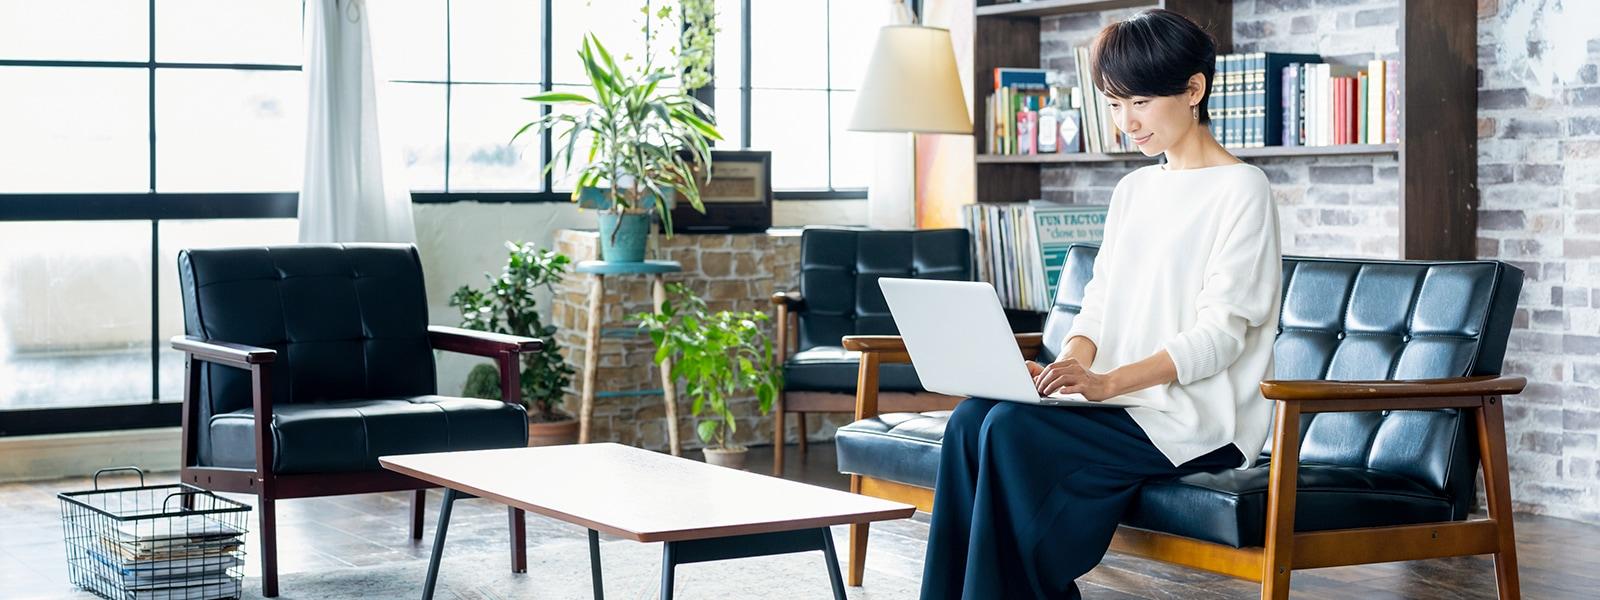 リビングのソファに座り膝の上のノート PC を操作する女性